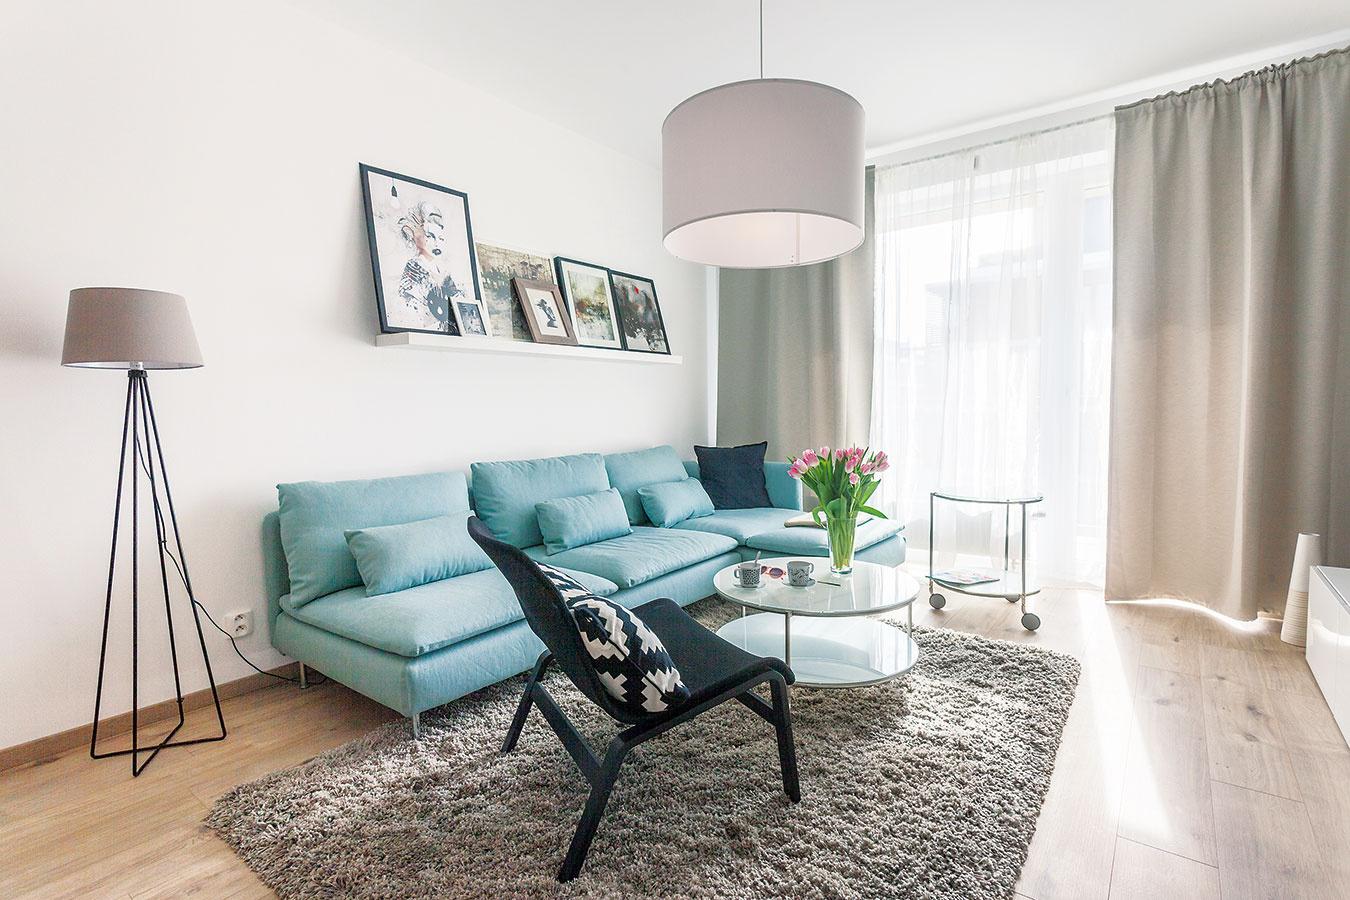 Zladene asmierou. Celý byt je ladený vrovnakej farebnosti – takáto jednotnosť podporuje dojem priestrannosti. Treba priznať, že príjemnú atmosféru aveľmi priaznivú cenu 10 000 € za celý interiér sa podarilo dosiahnuť aj vďaka zariadeniu zIkey.